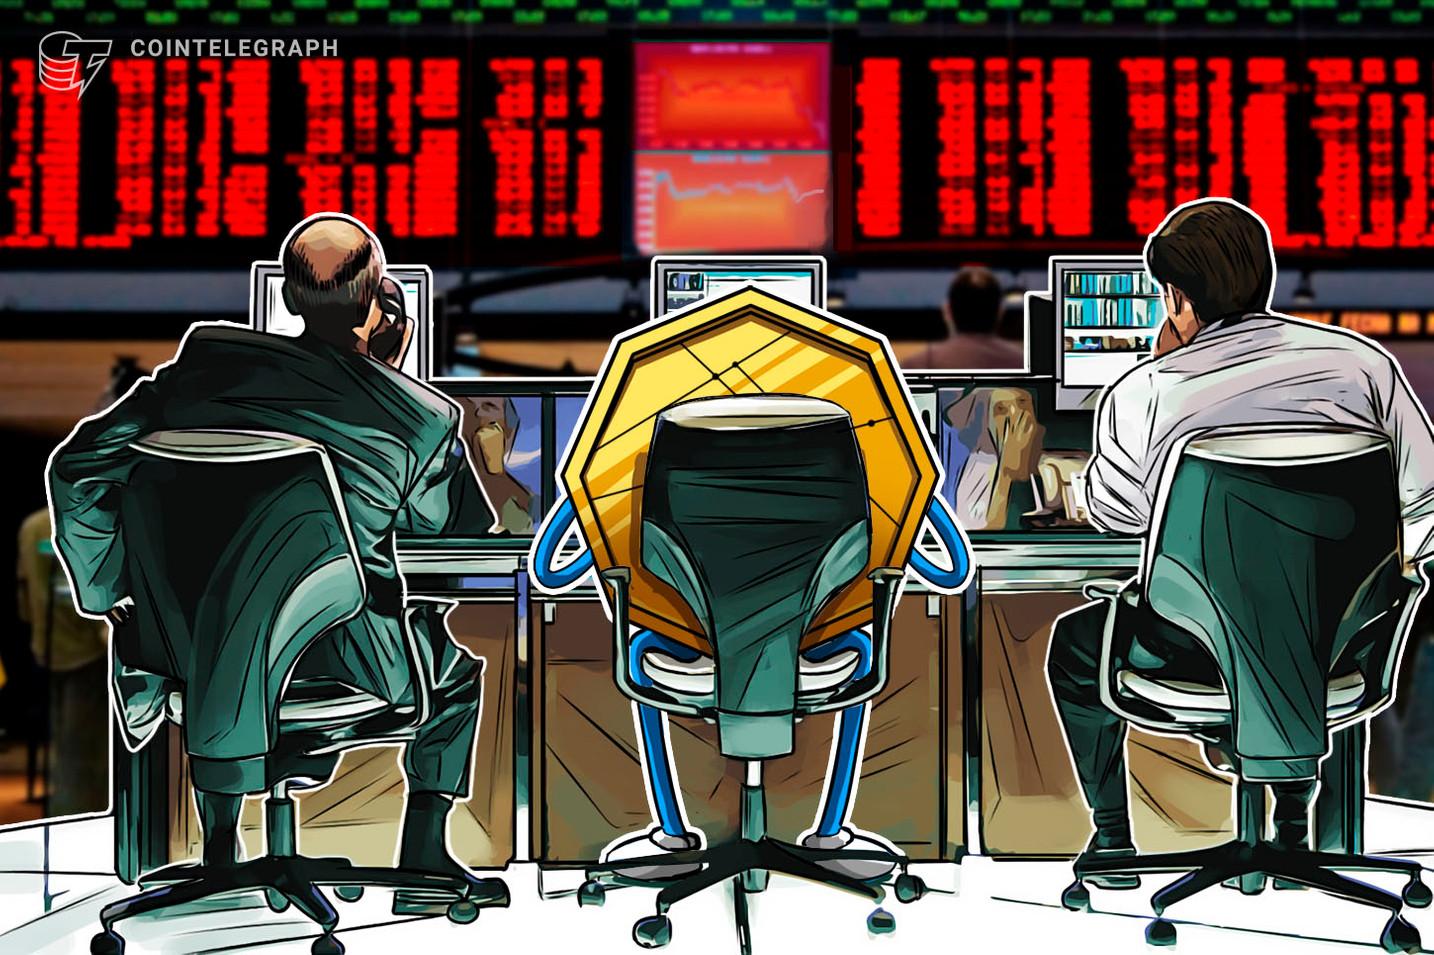 Kryptomärkte mit Verlusten, Bitcoin pendelt sich bei 11.000 US-Dollar ein